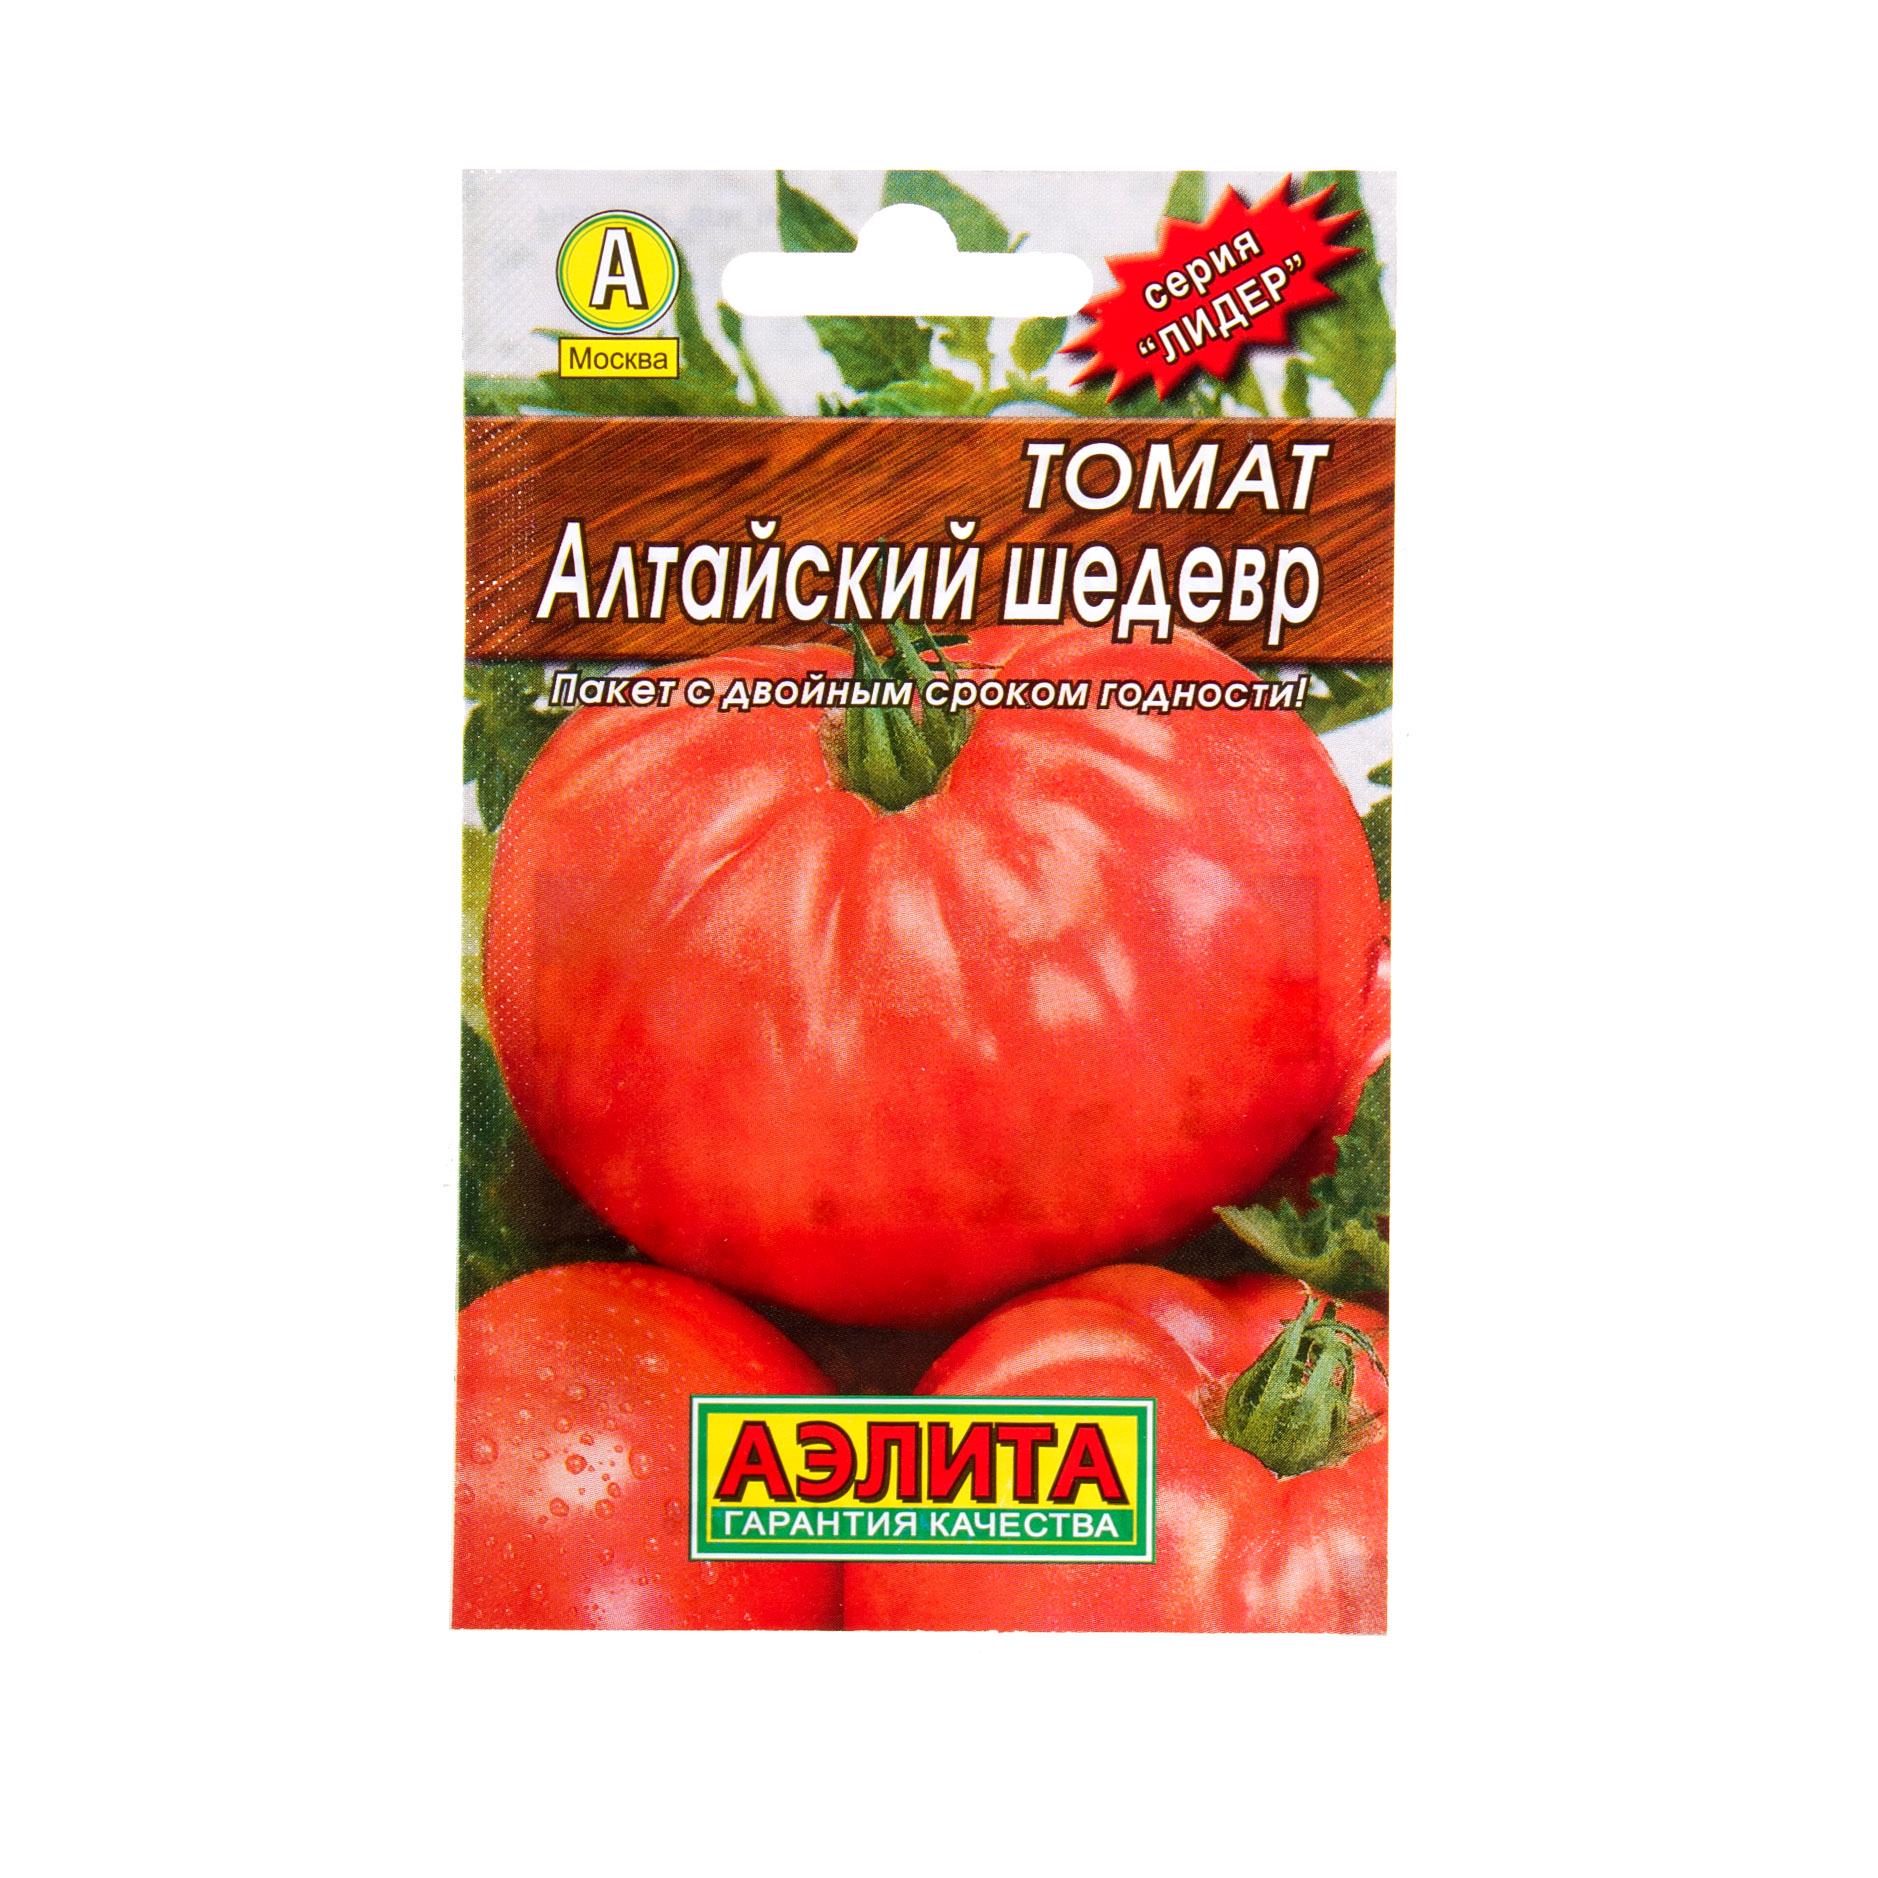 ✅ алтайский шедевр: описание сорта томата, характеристики помидоров, посев - tehnomir32.ru